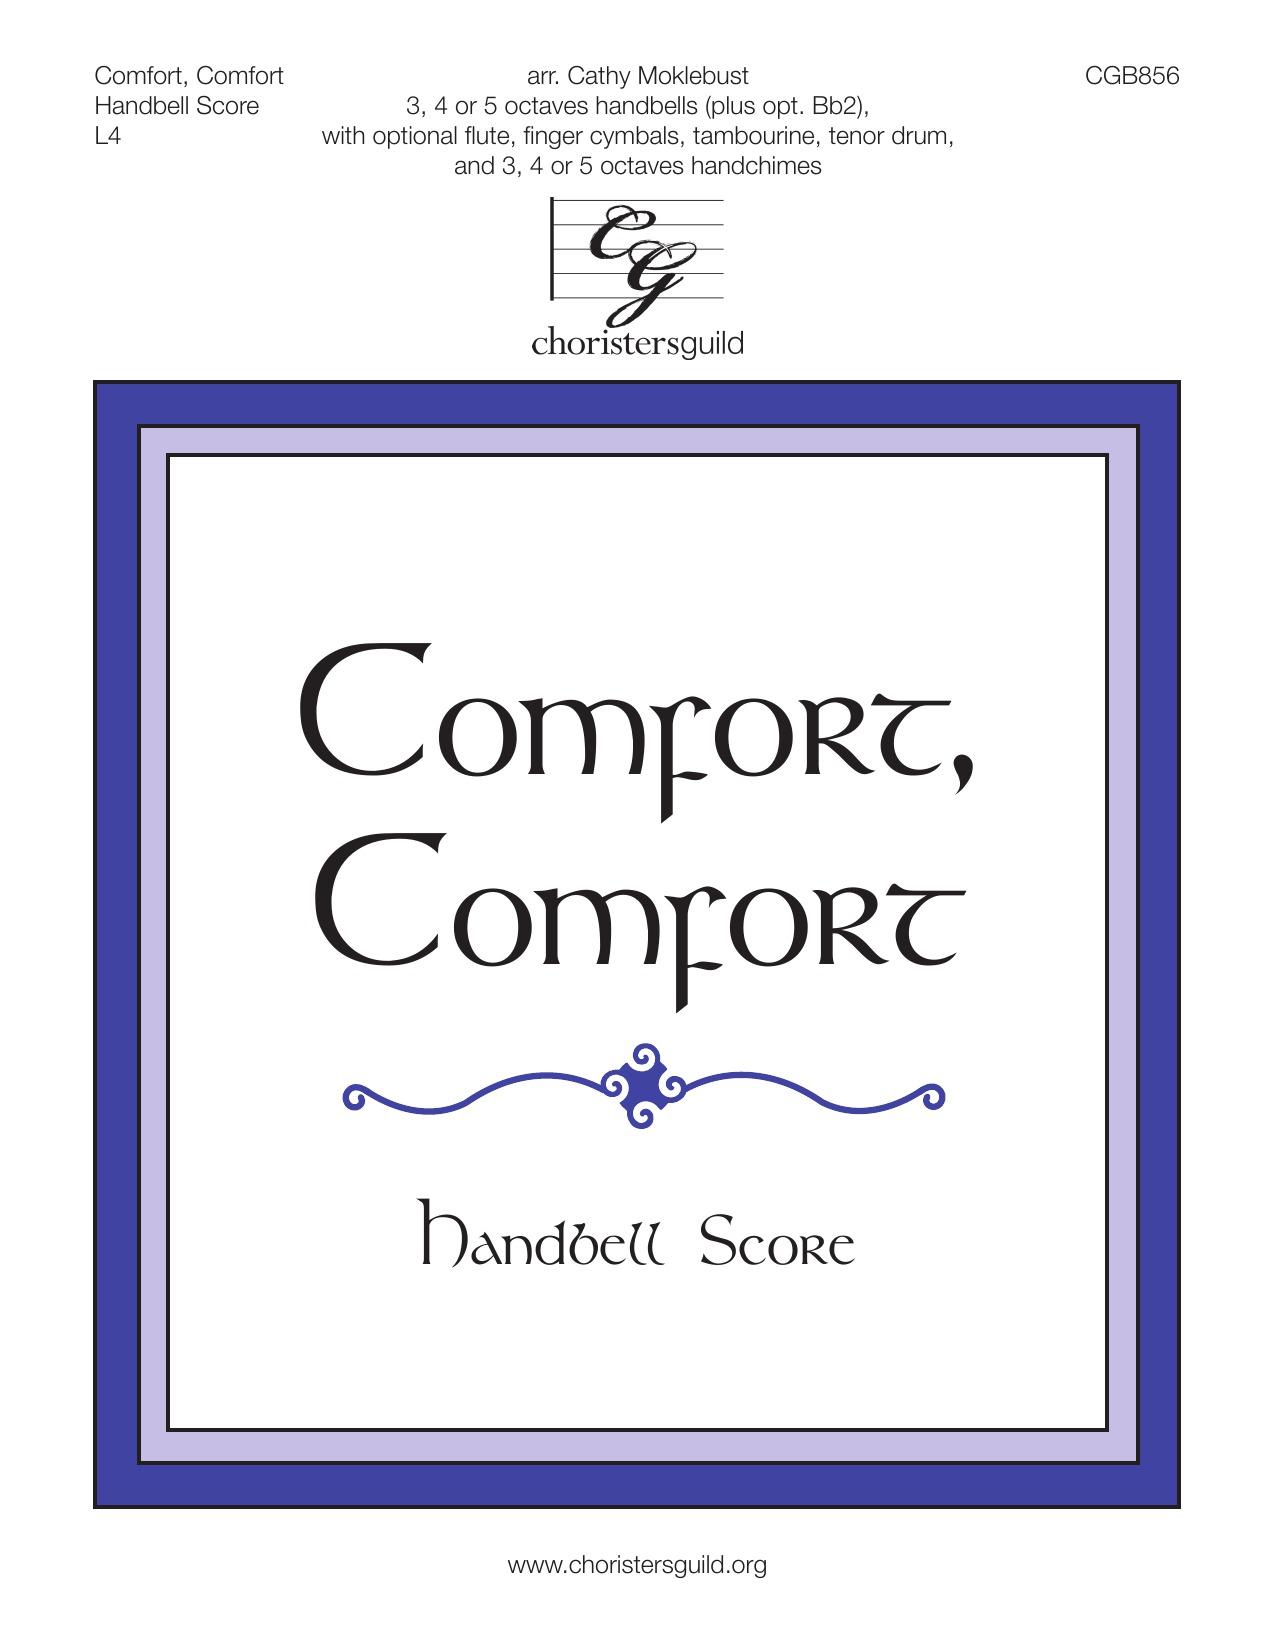 Comfort, Comfort - Handbell Score